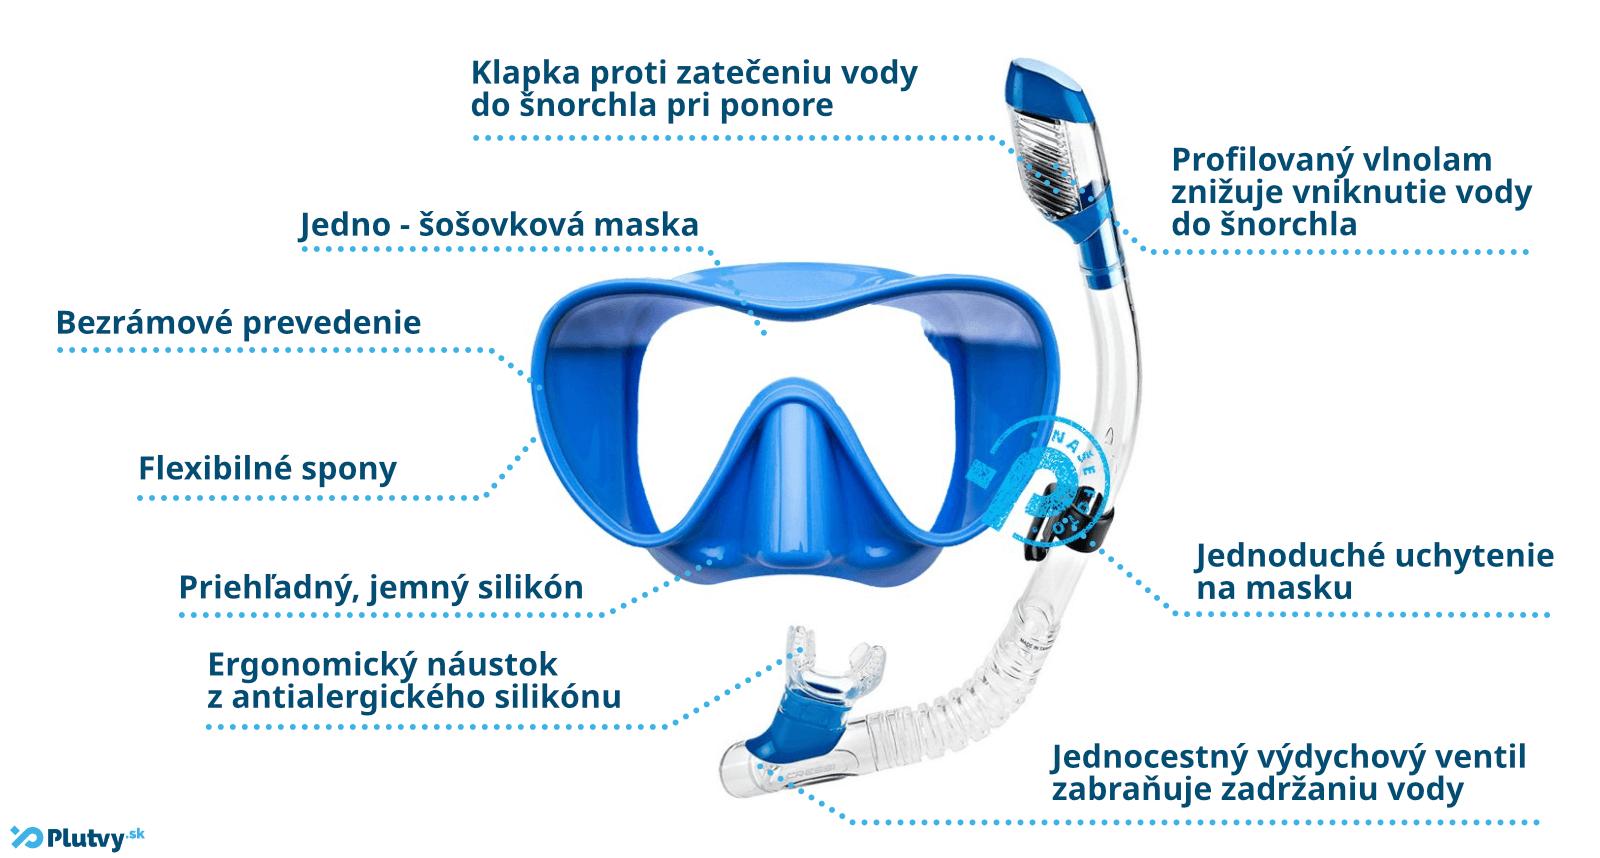 Kvalitný a štýlový šnorchlovací set Cressi F1 Dry Junior pre deti a mládež v Plutvy.sk v Bratislave